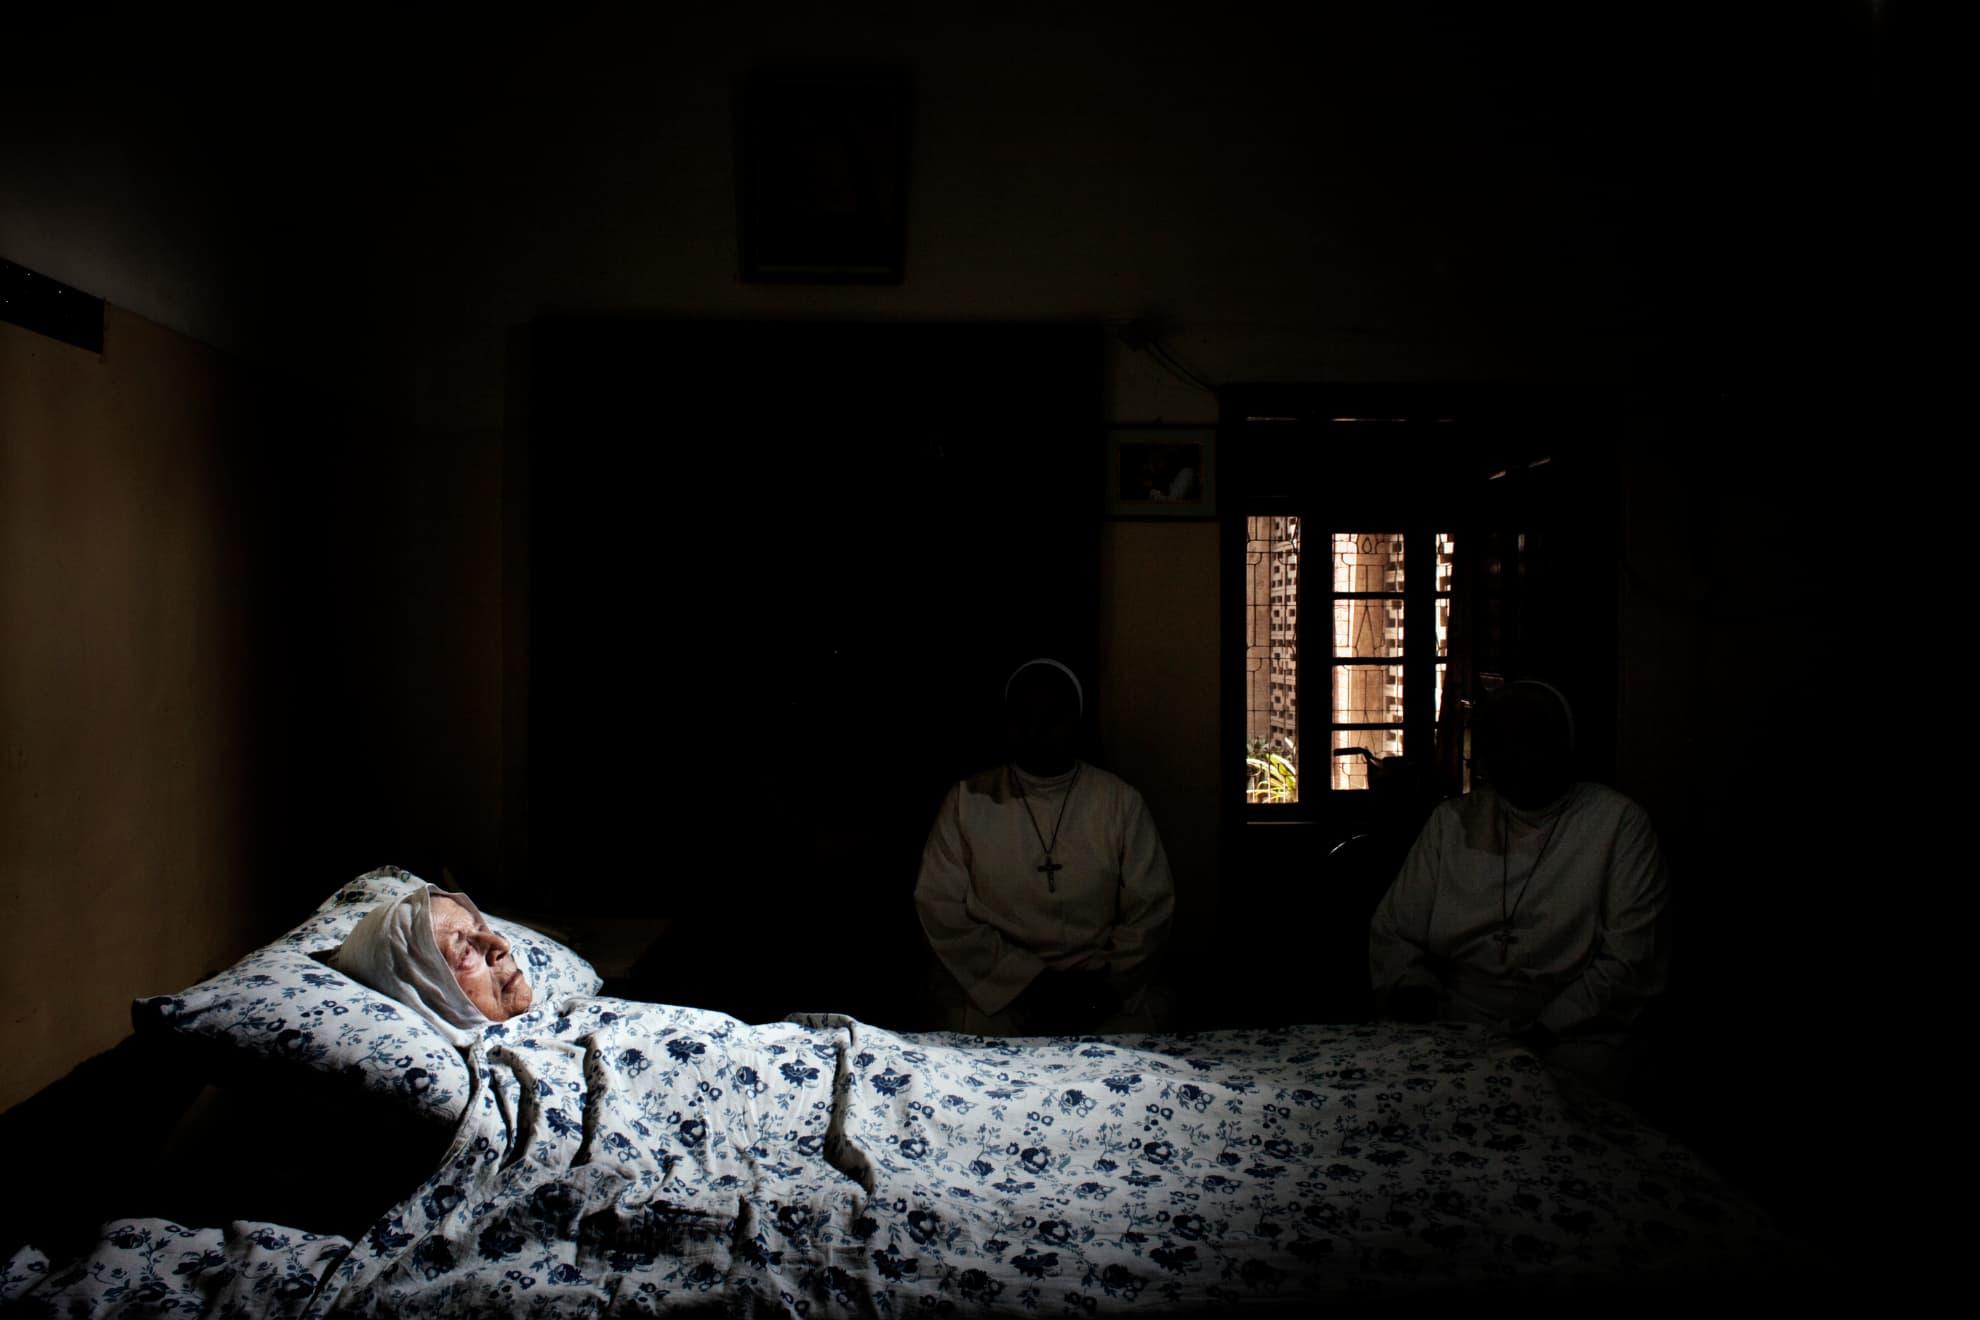 Faisalabad, Pakistán. La madre Alessia Macrini, de 93 años y residente en Pakistán desde 1951, fundó la institución católica Hogar para niños y niñas lisiados, una clínica de Fisioterapia y Centro de Rehabilitación, abierta tanto a la población cristiana como a la musulmana. La madre Macrini, con otras hermanas pakistaníes, Shazia Rehmat y Emanuela Joseph.